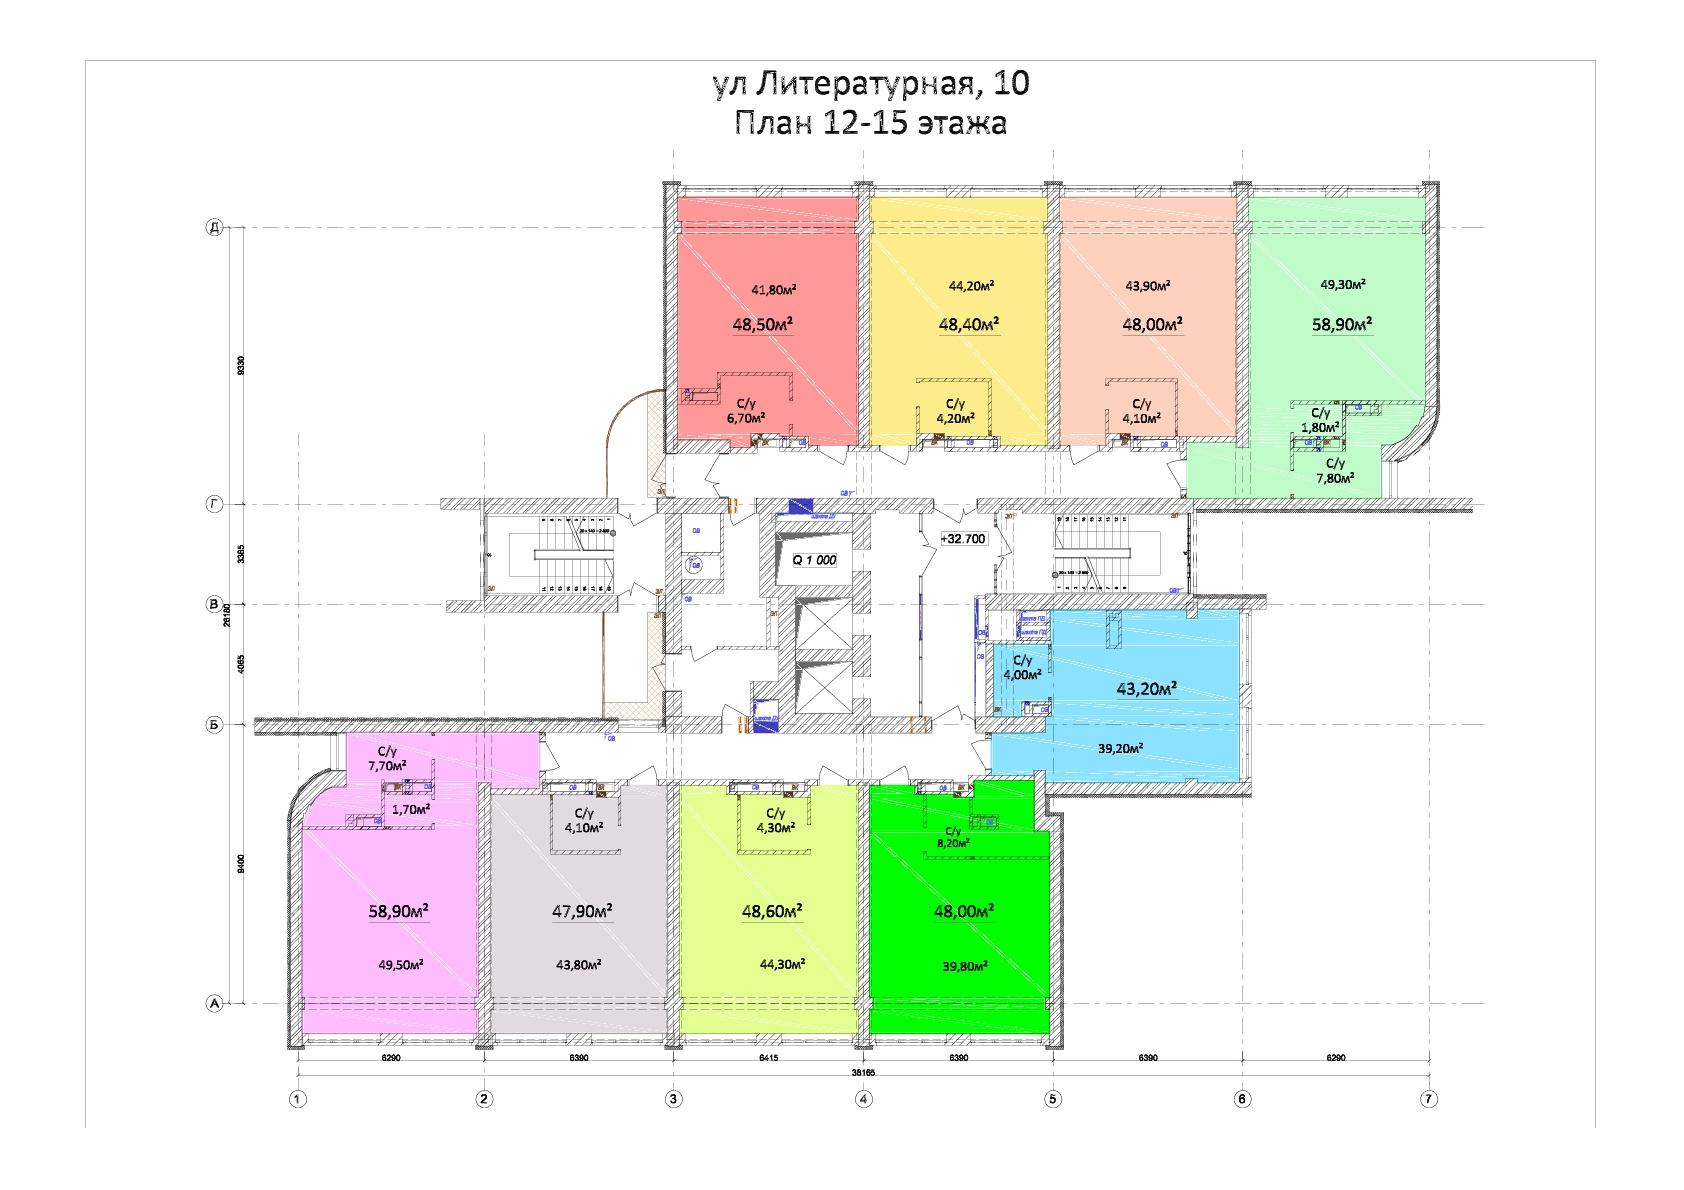 ЖК Орион План 12-15 этажей